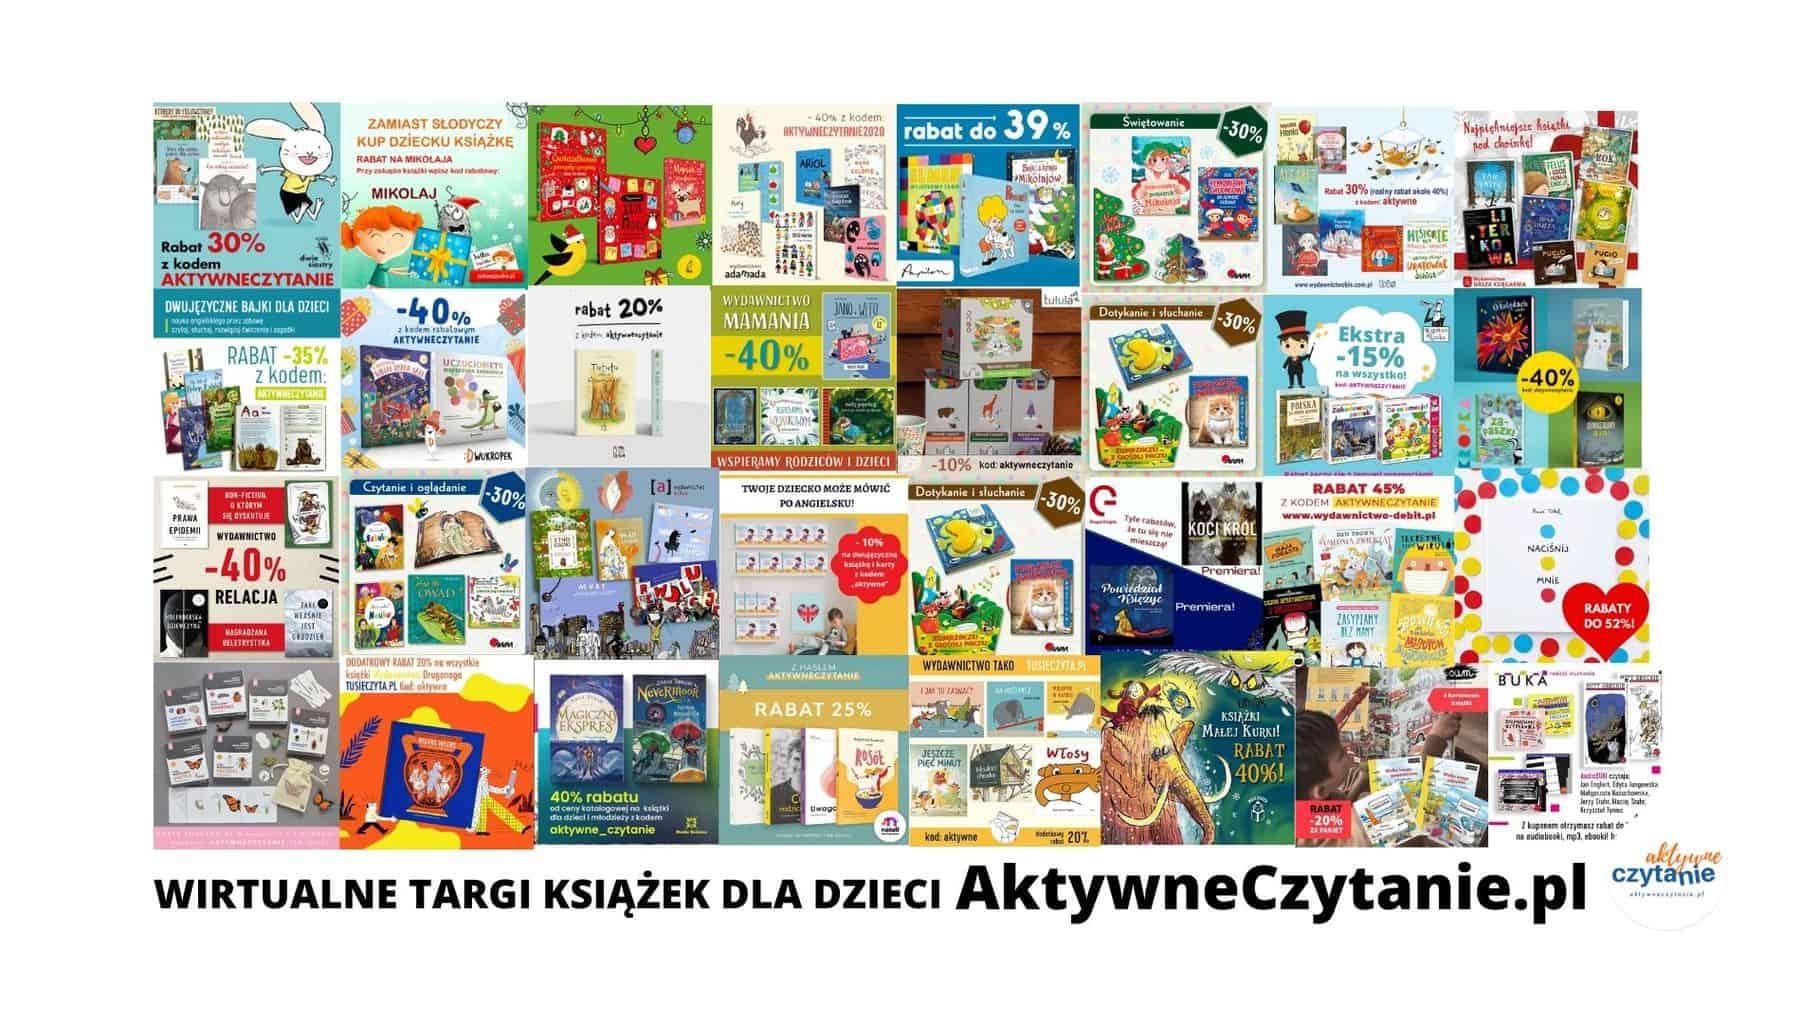 wirtualne targi ksiazek dla dzieci